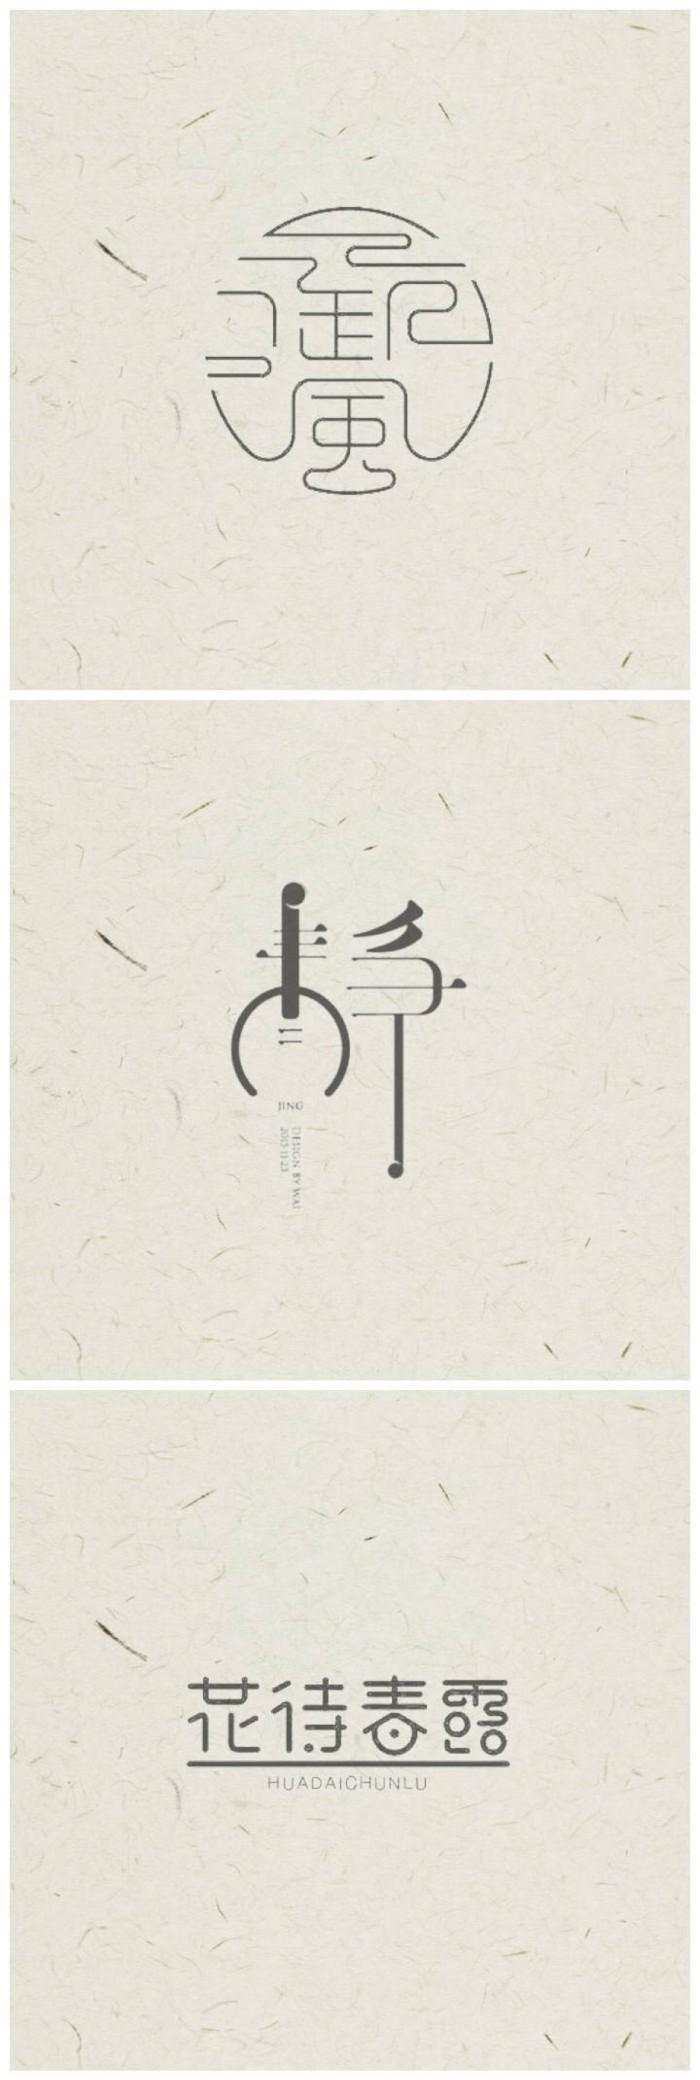 汉字logo 设计 With Images